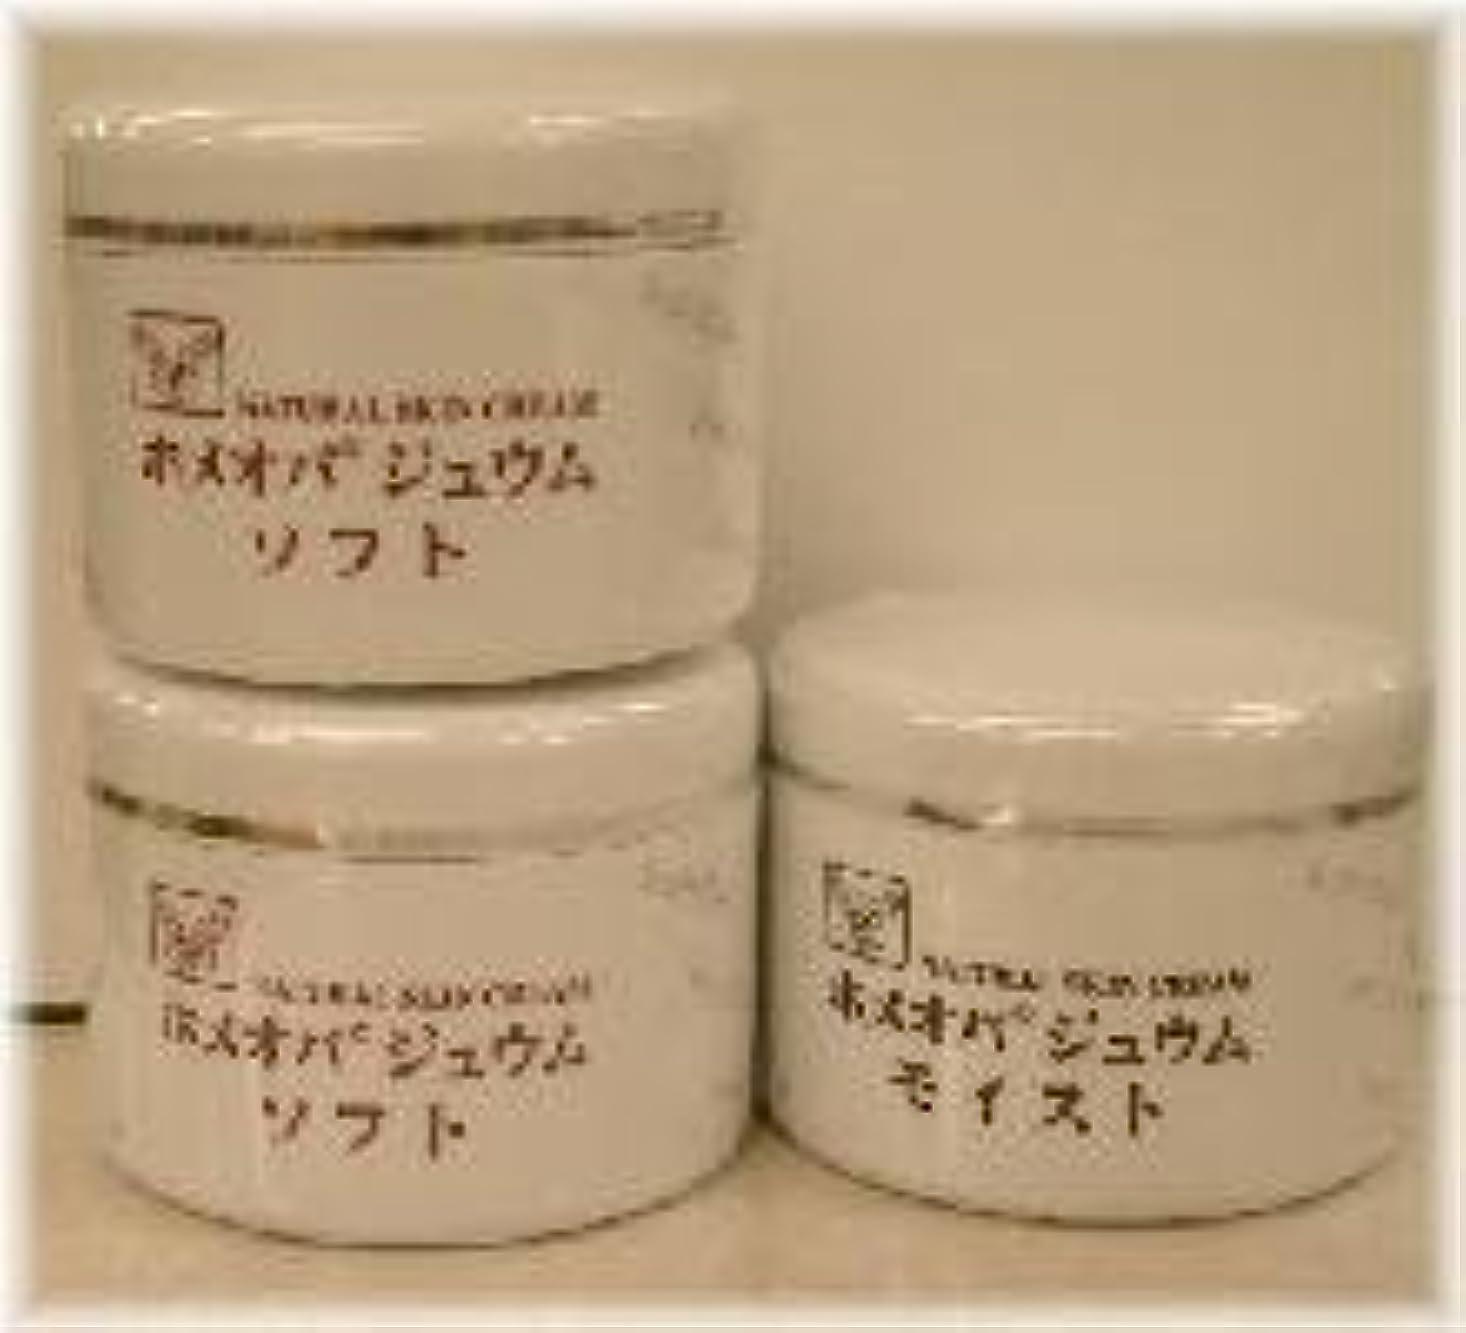 ホメオパジュウム スキンケア商品3点 ¥10500クリームソフト2個+クリームモイスト